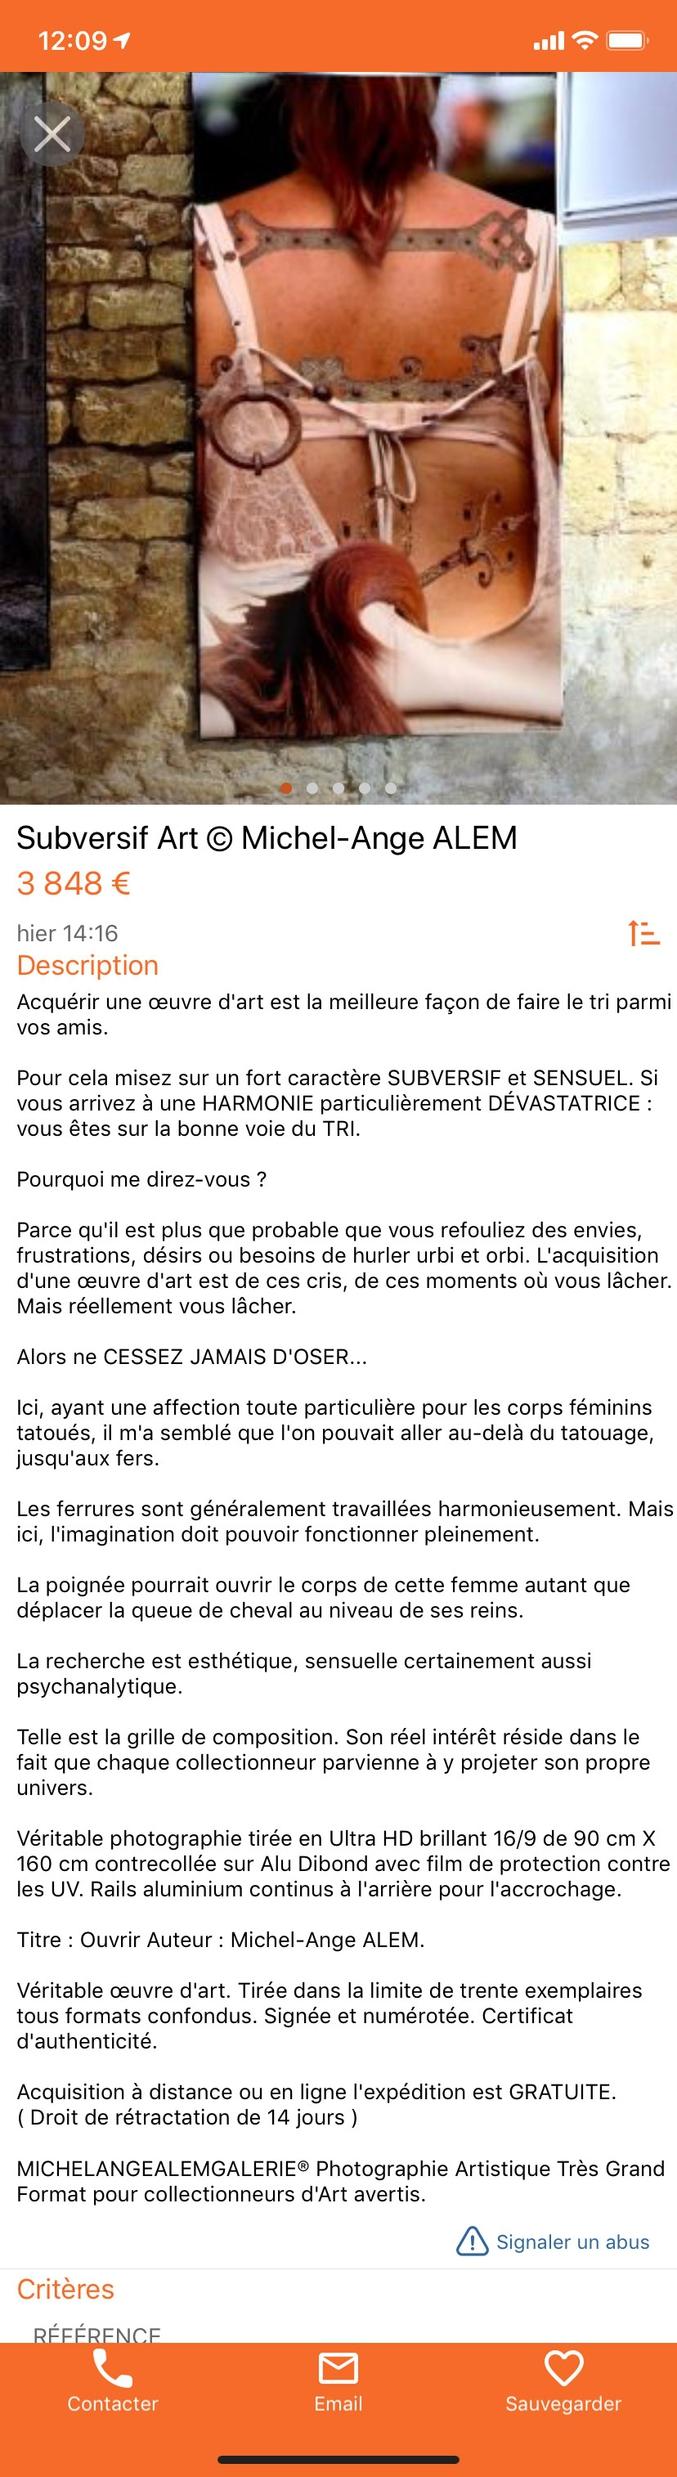 Annonce sur  Le Bon Coin trouvée au hasard d'une recherche du côté de Sarlat. ART ou WTF mon cœur balance...